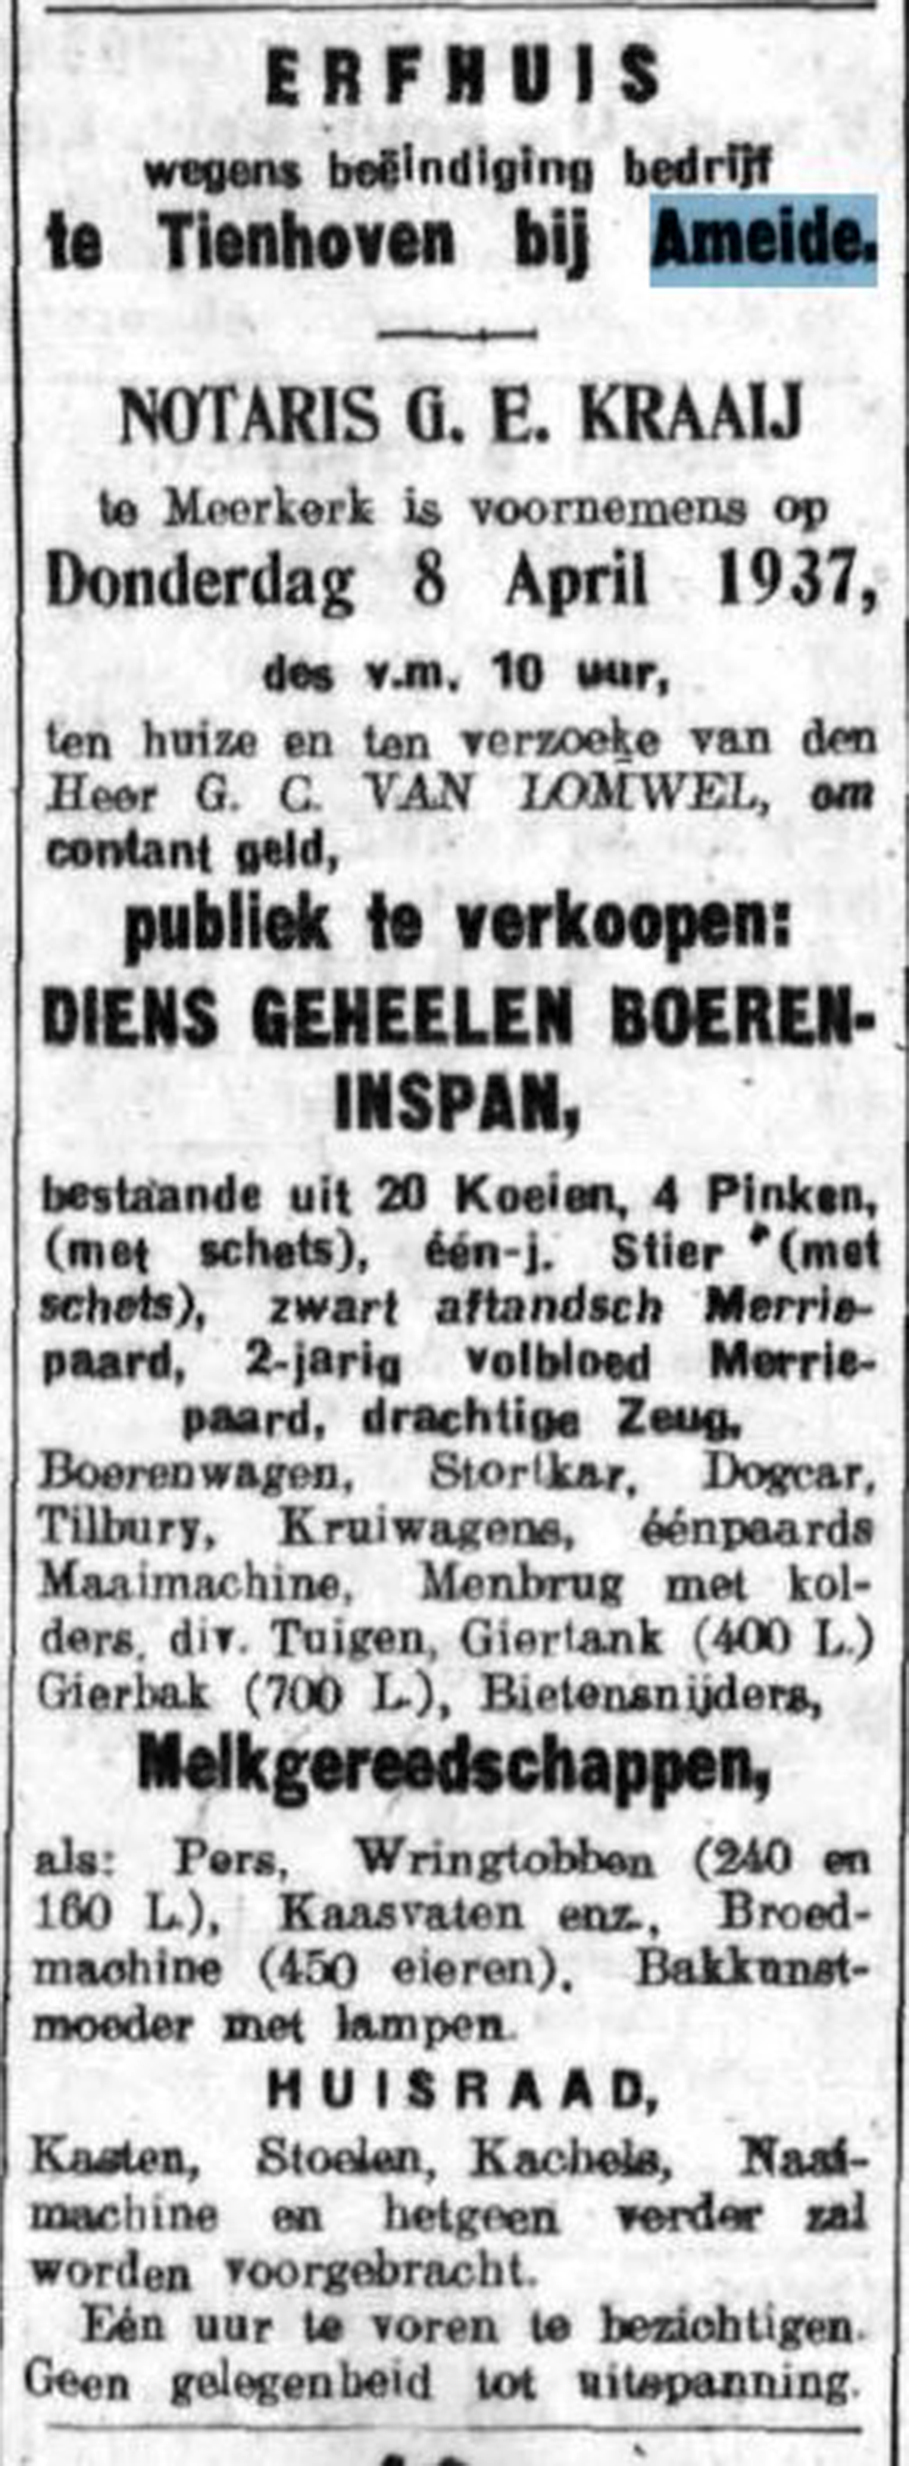 Schoonhovensche Courant 07789 1937-03-26 artikel 06